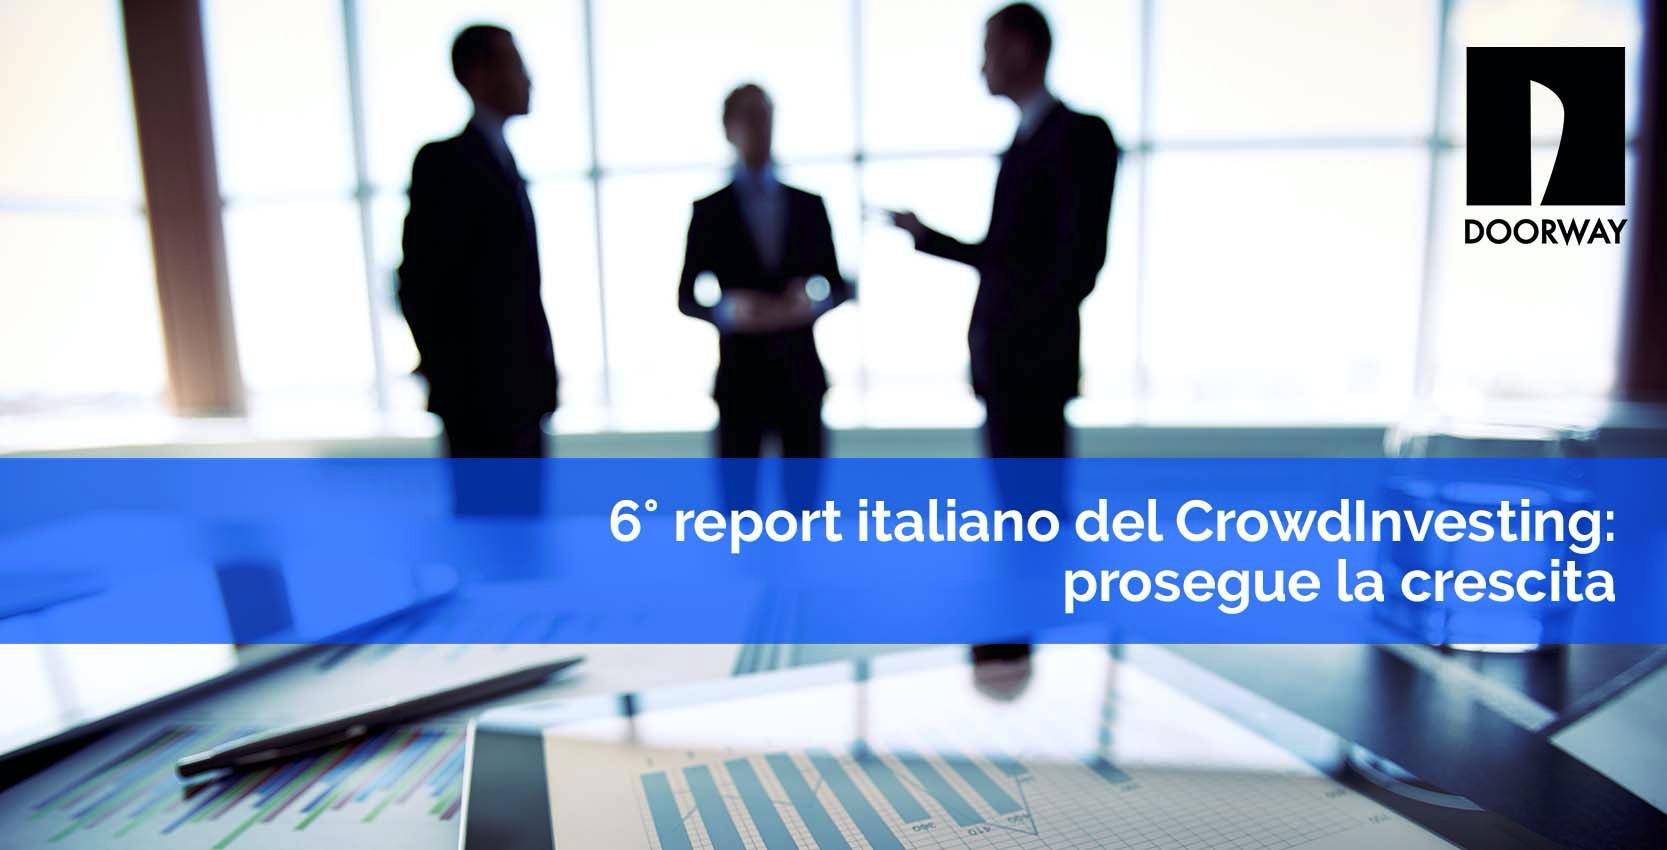 6° Report italiano del Crowdfunding: prosegue la crescita